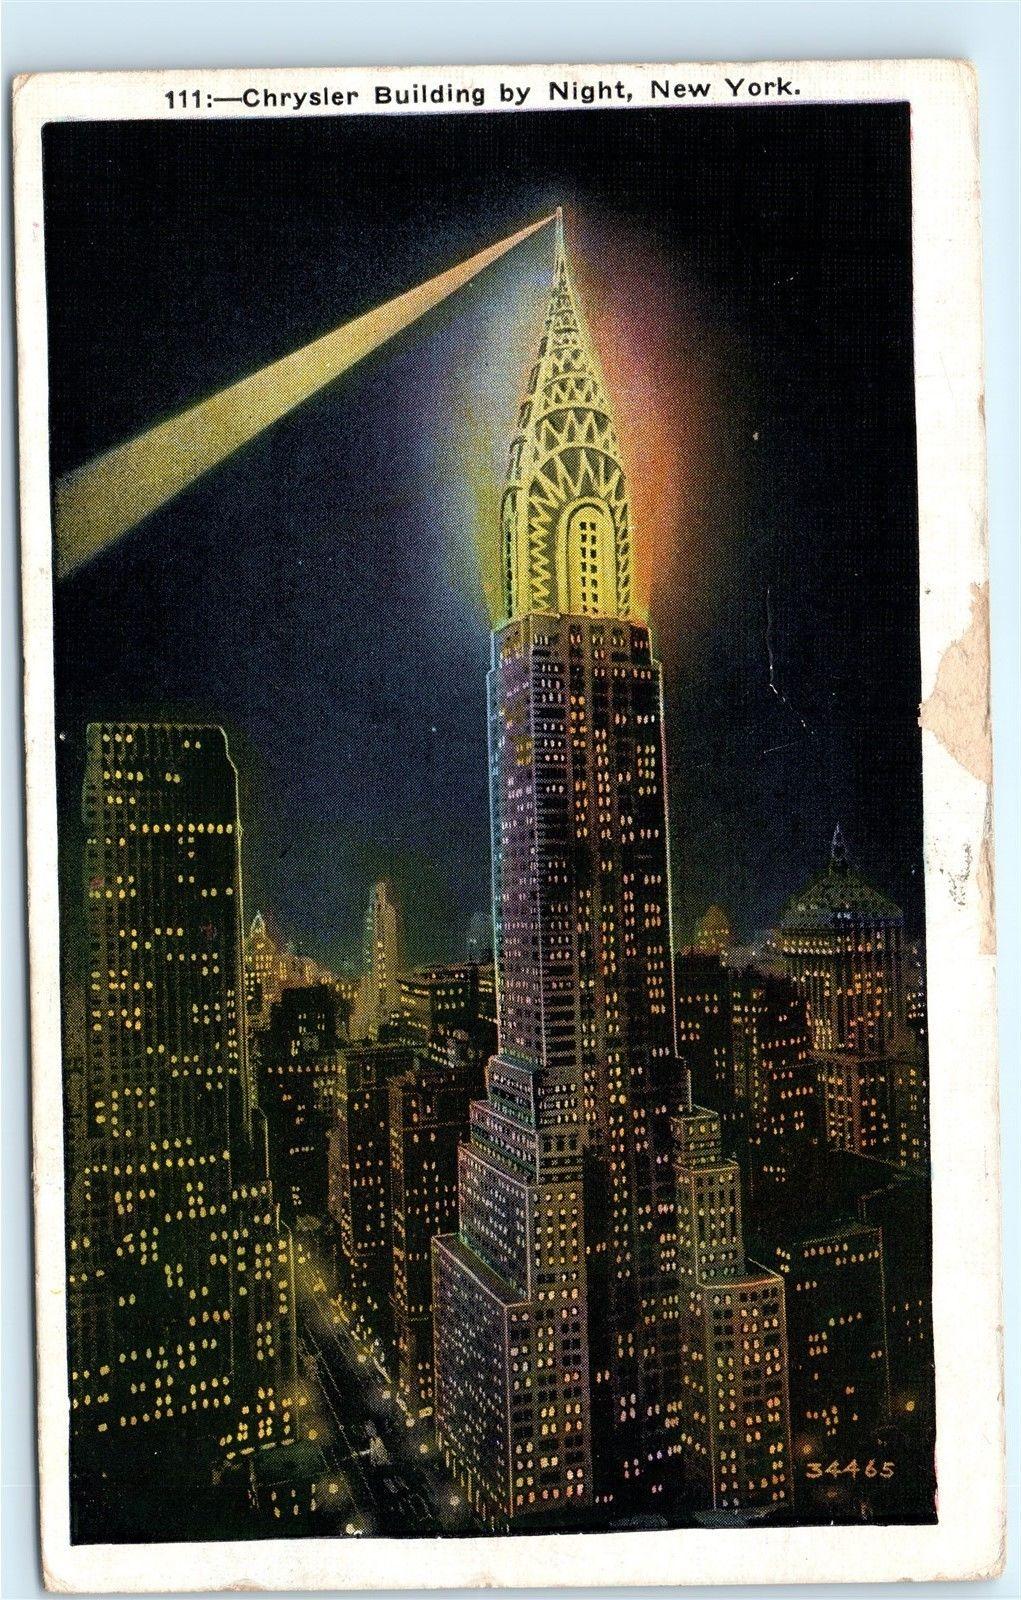 Chrysler Building Night Strobe Light New York City NYC NY